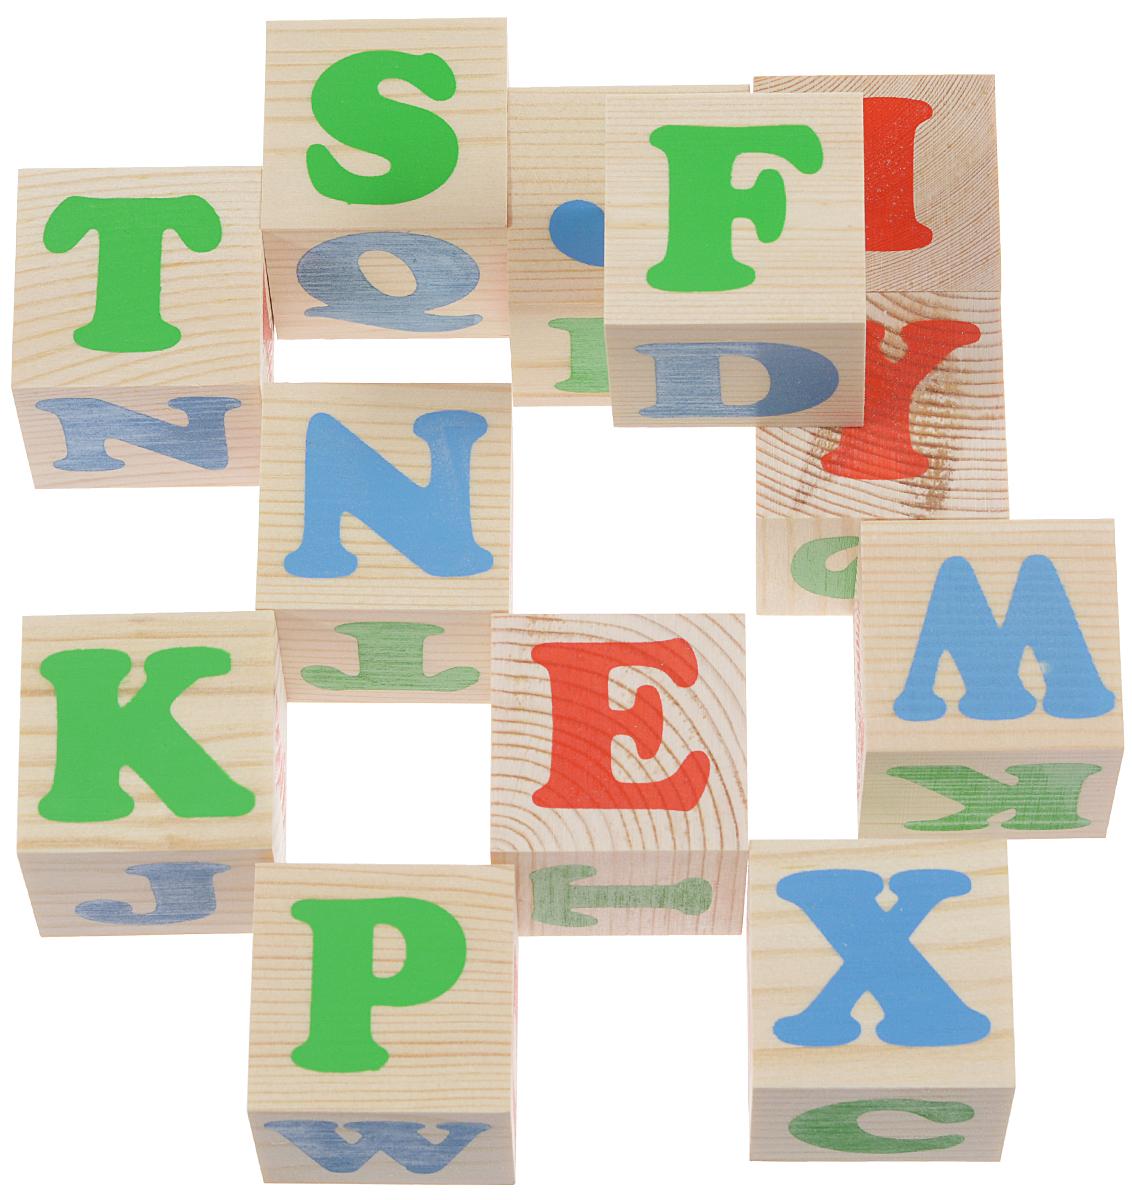 Томик Кубики Алфавит английский томик кубики алфавит английский 12 штук томик